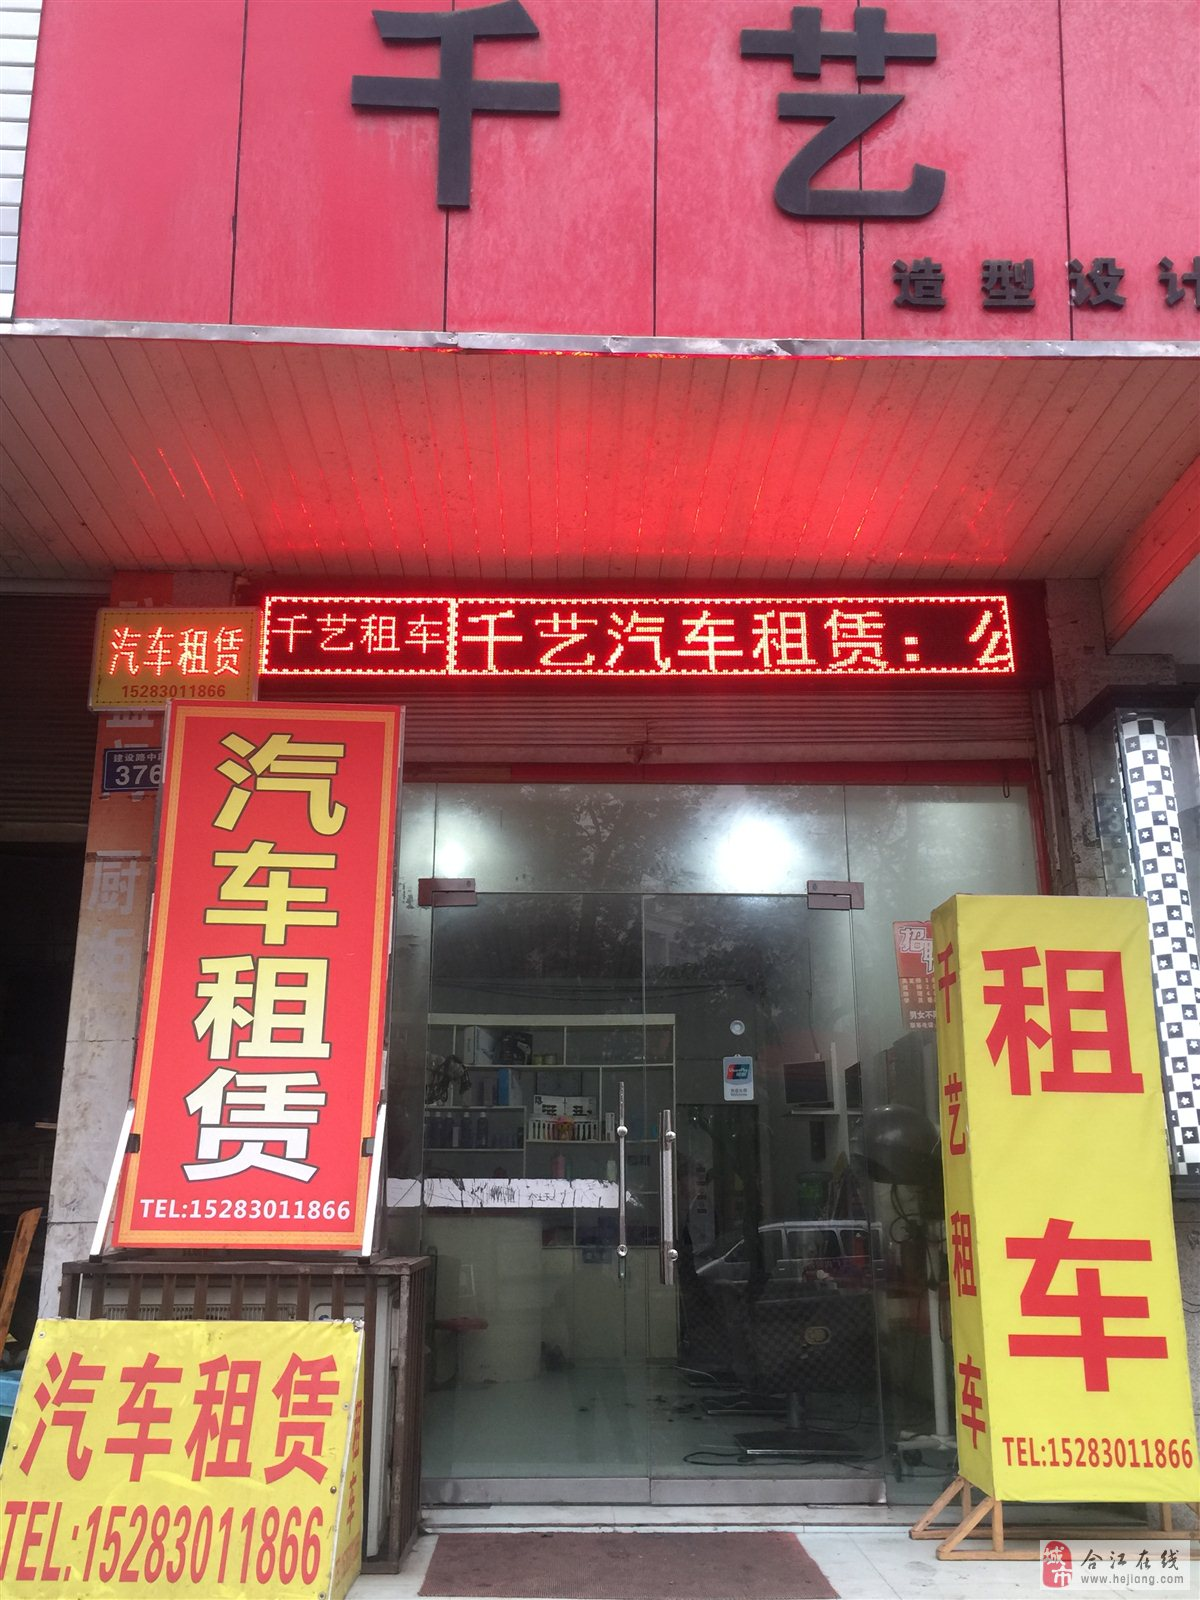 合江县千艺租车汽车租赁有限公司